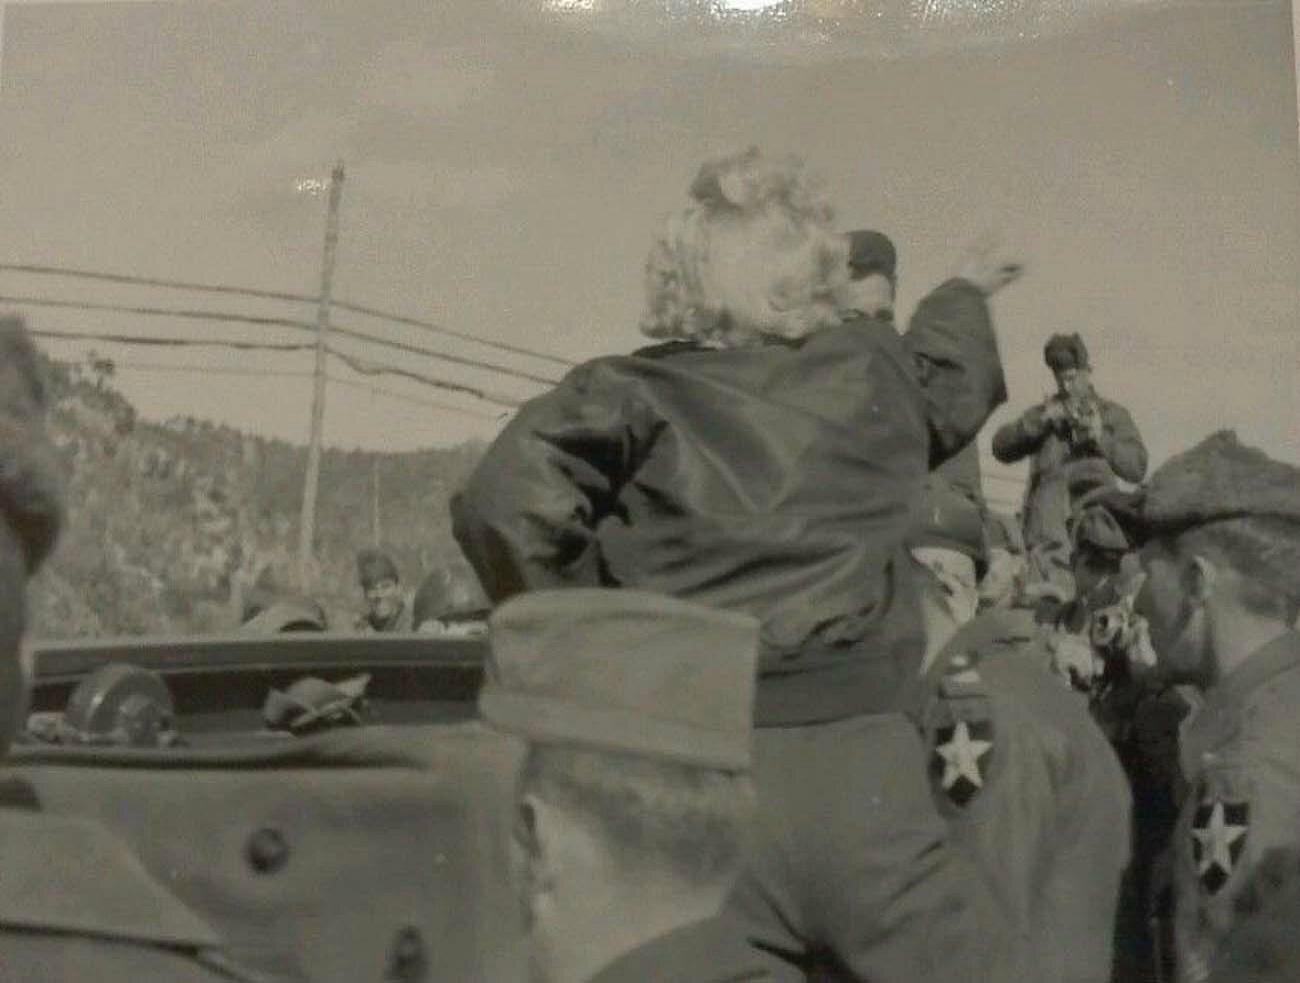 1954-02-19-korea_chunchon-K47_airbase-army_jacket-050-5